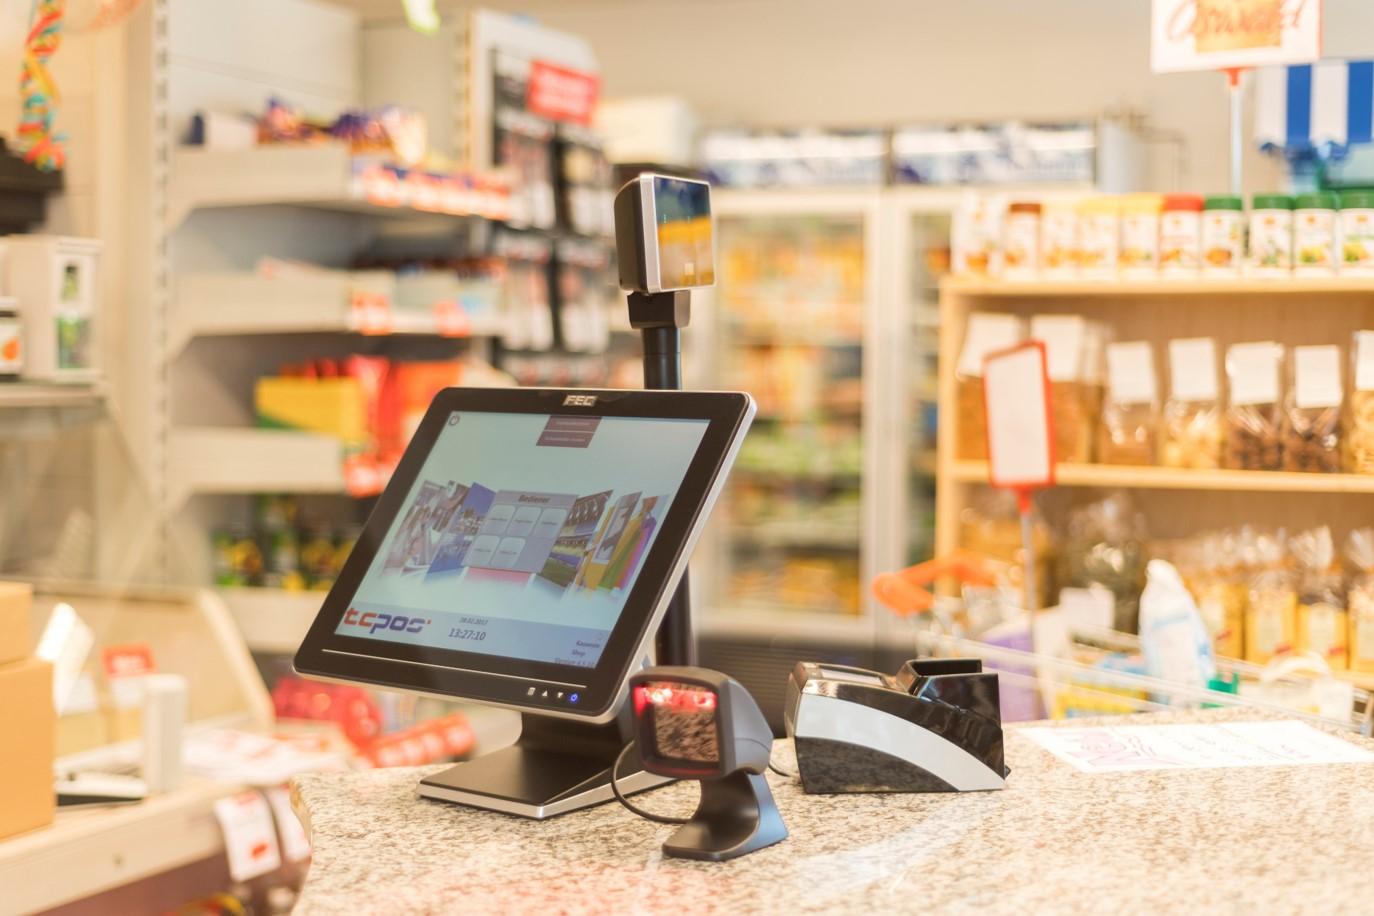 TCPOS Kassensystem mit Bondrucker, Scanner und Touchscreen